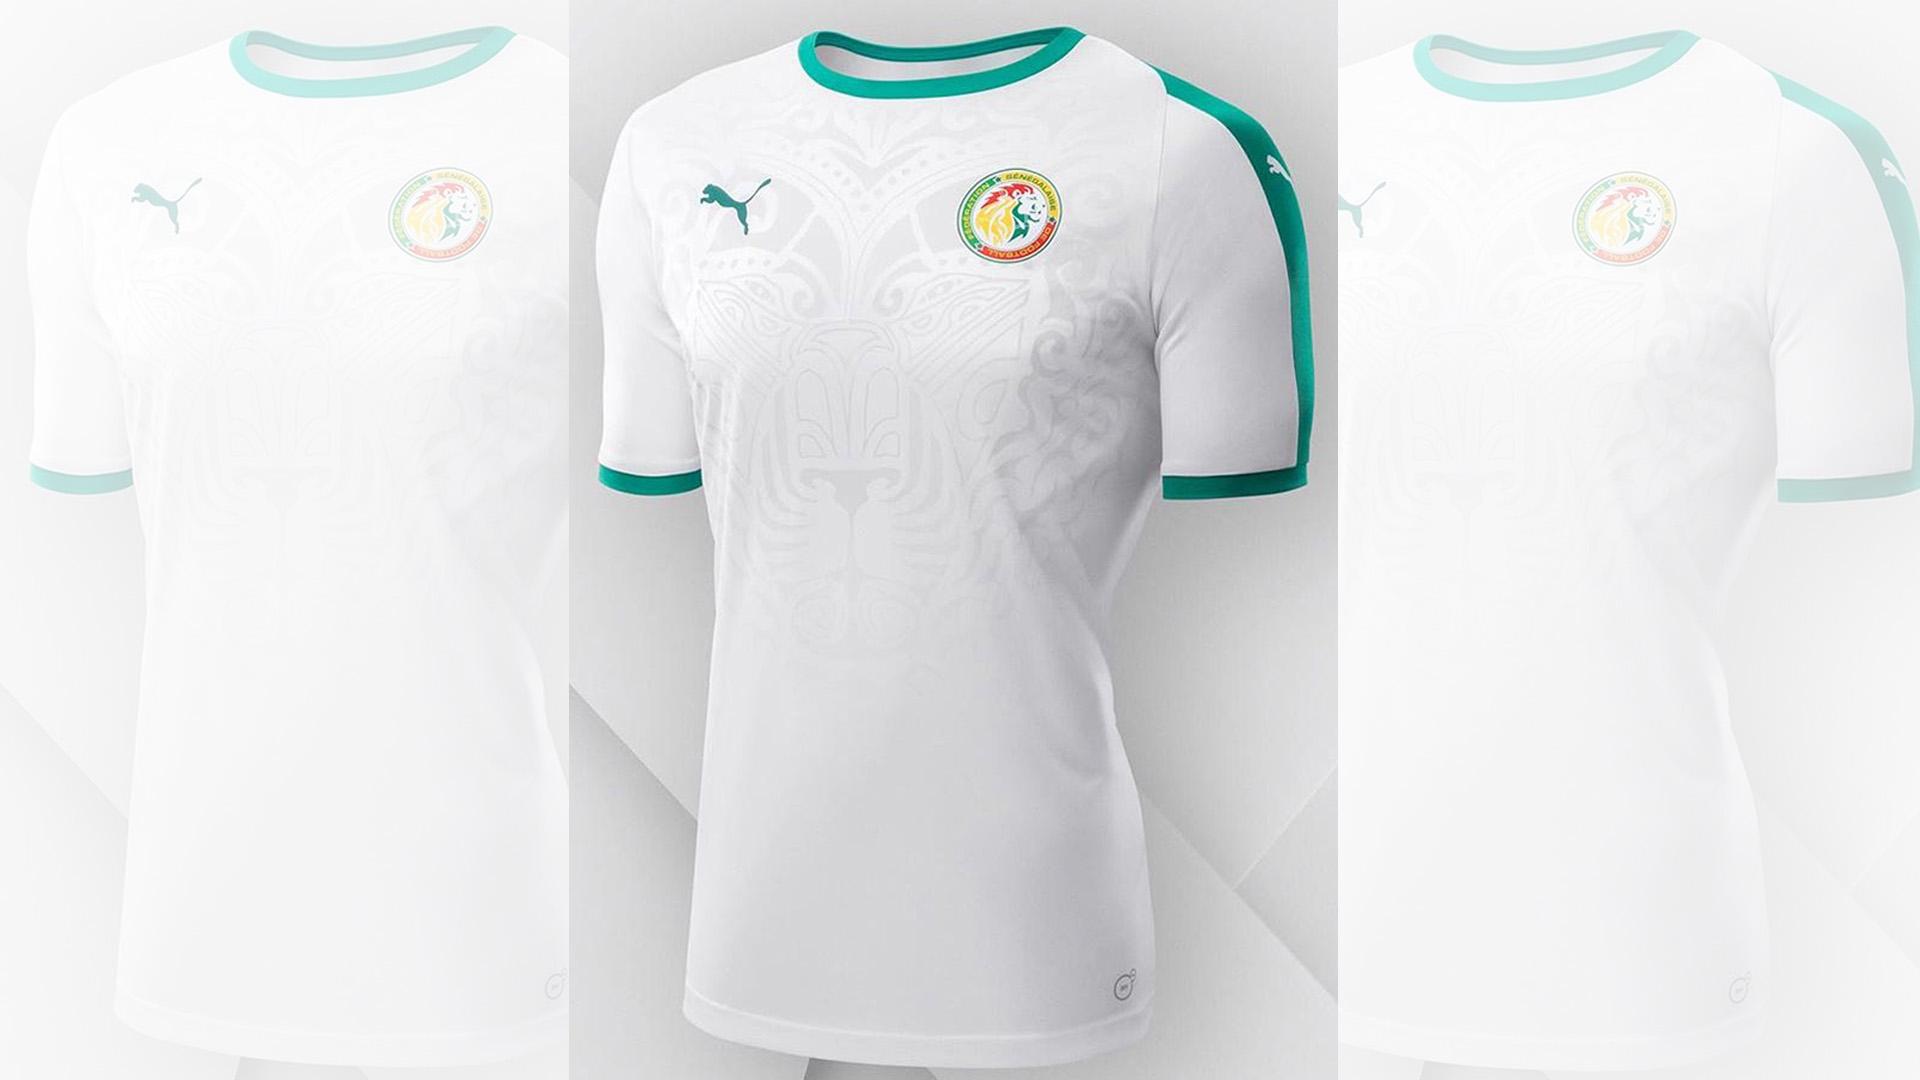 184c76ed6 El equipo africano solo ha presentado el uniforme blanco para el mundial